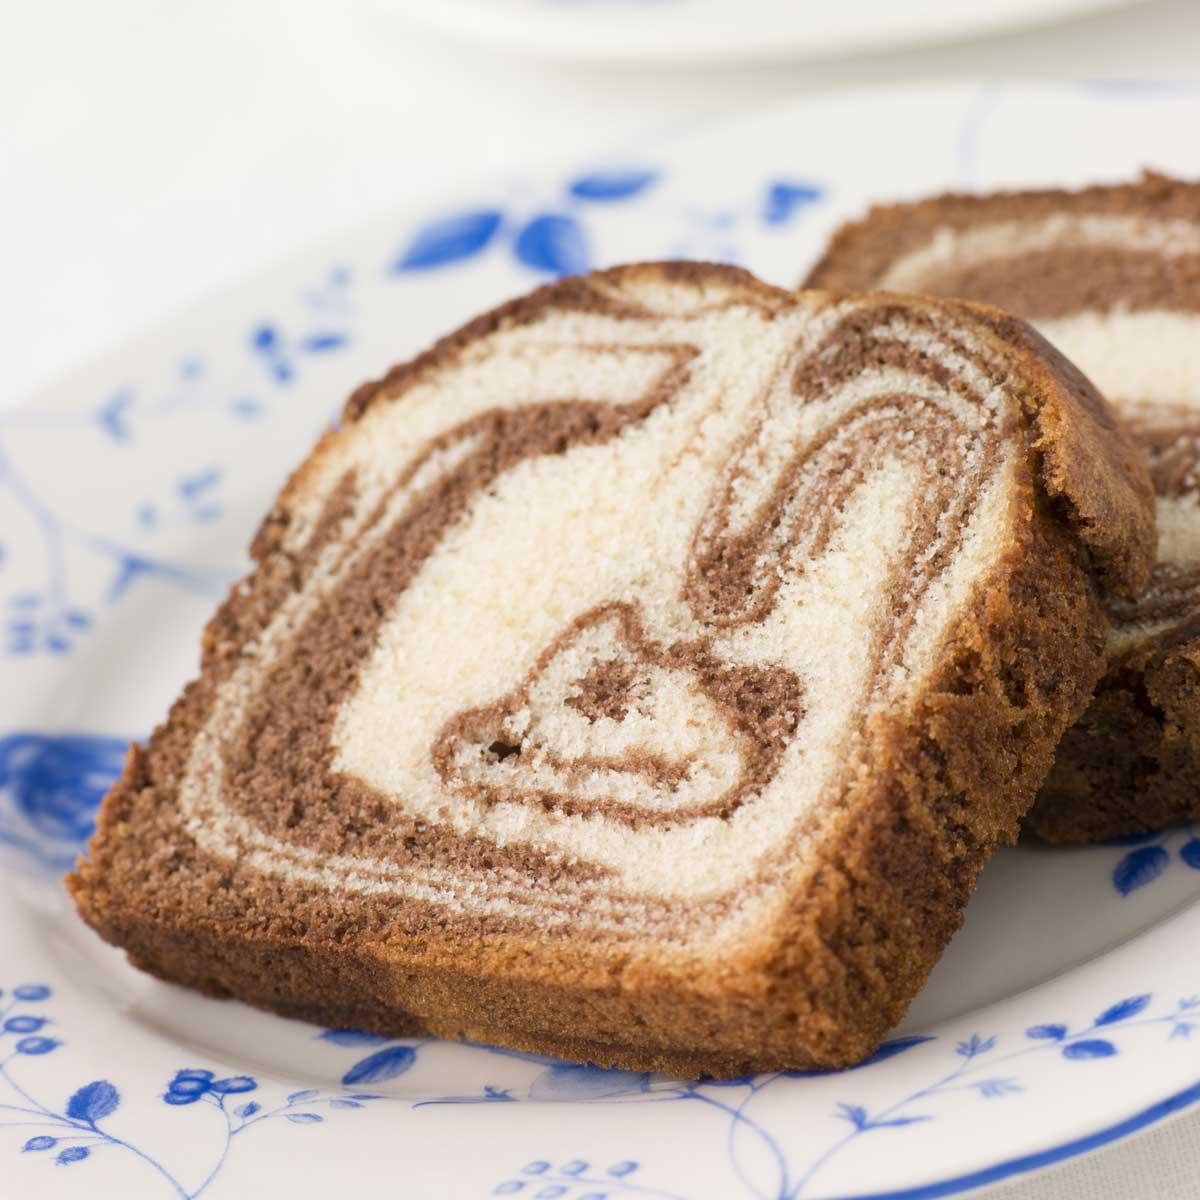 ... marbré au chocolat - une recette Dessert - Cuisine  Le Figaro Madame